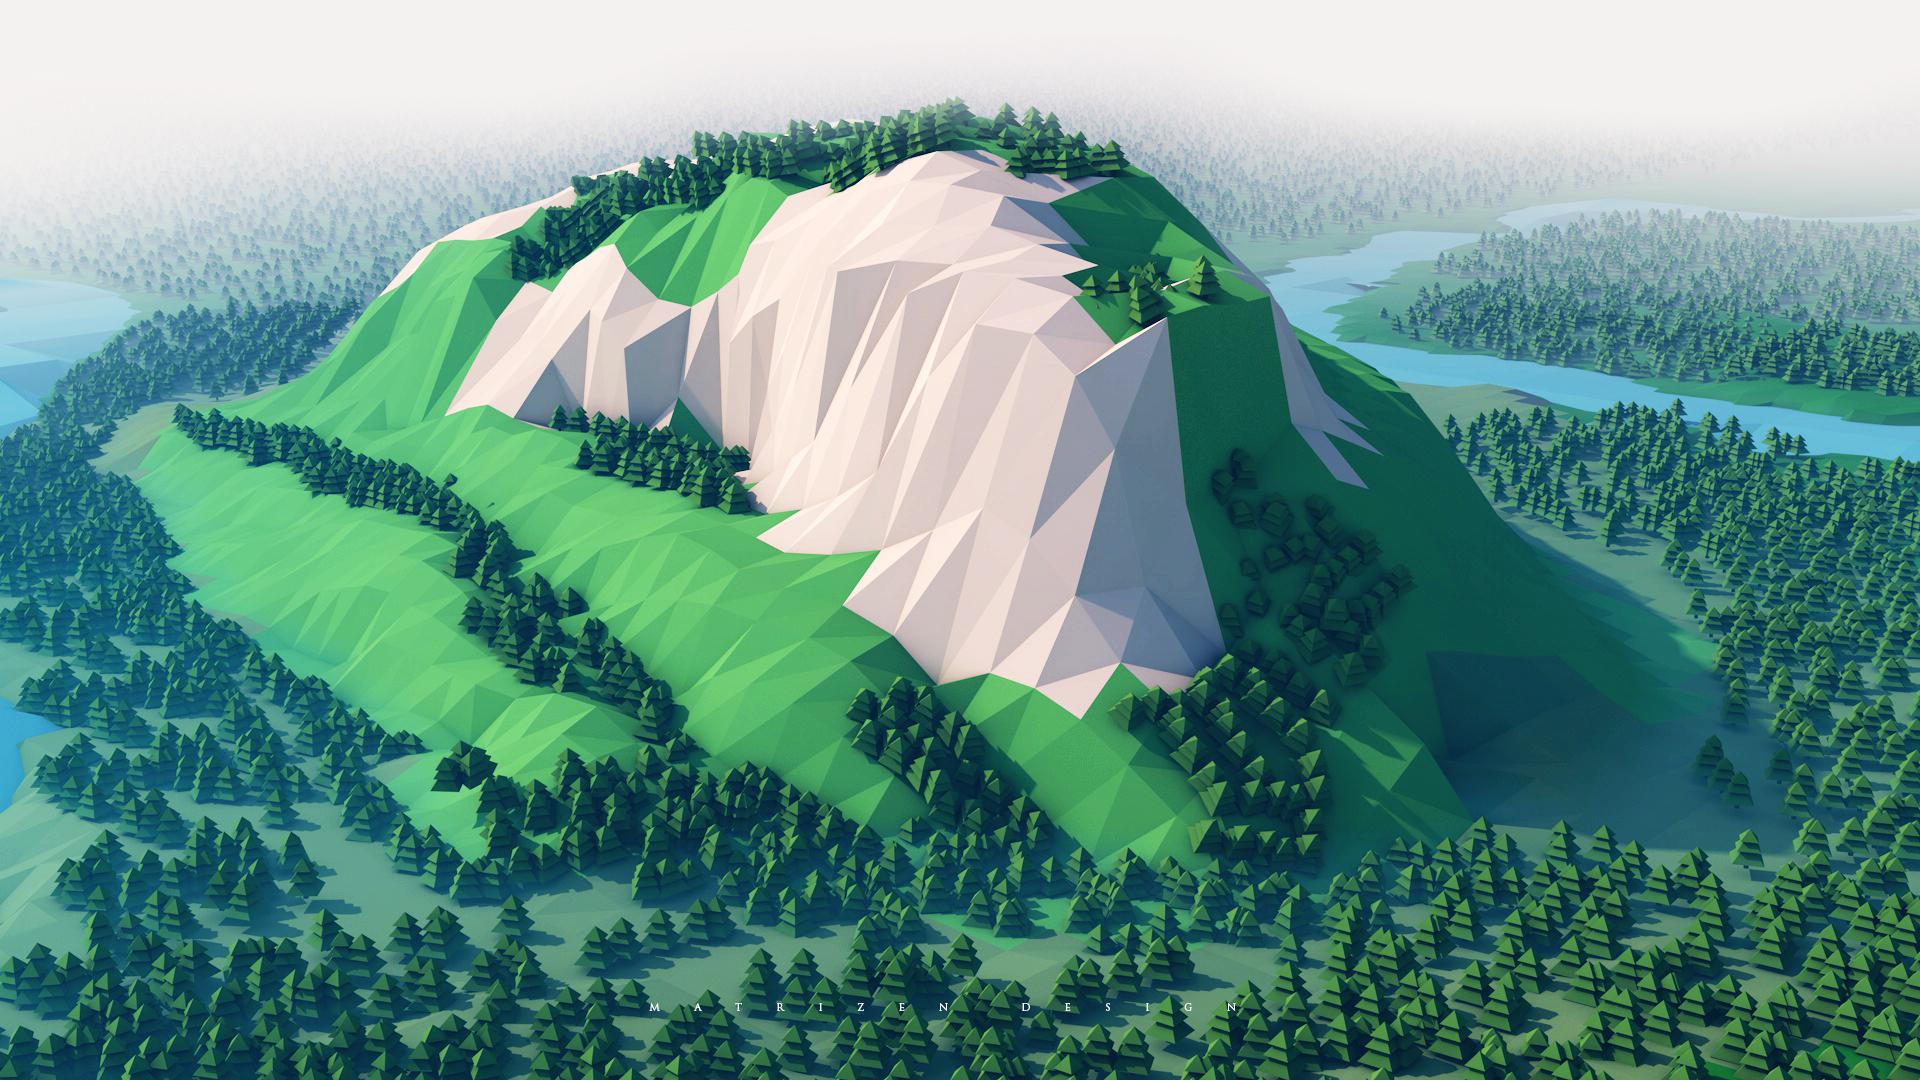 #photoshop, #cinema 4d, #3d, #landscape, #forest, #low - Mountain 3d Wallpapers 1080p , HD Wallpaper & Backgrounds